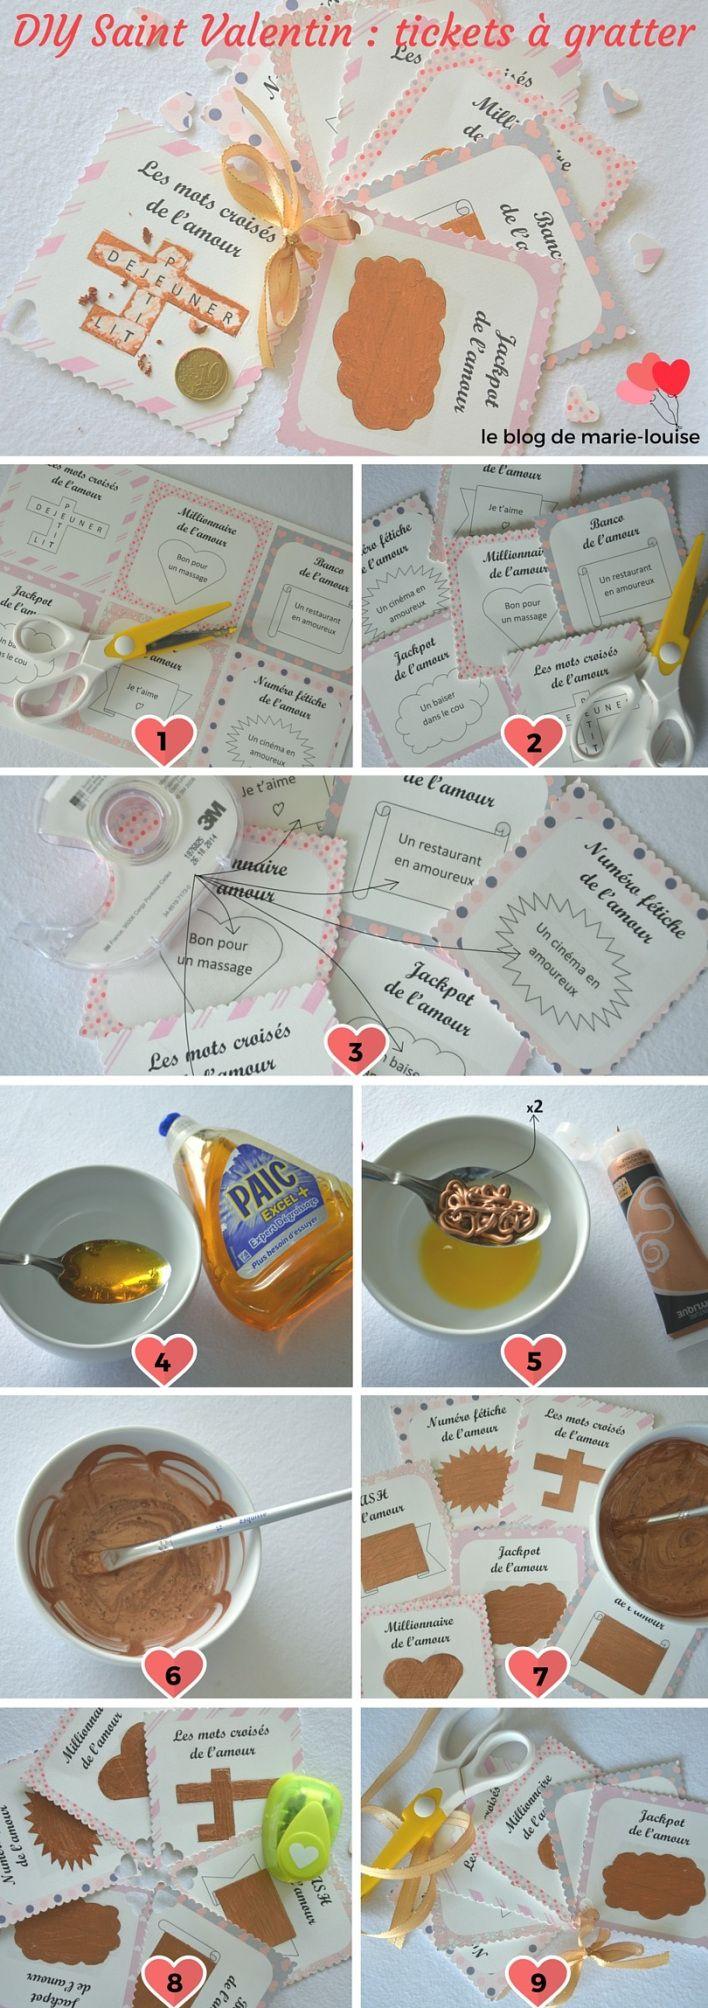 Excellente Idée ! DIY Saint Valentin : tickets à gratter by le blog de marie-louise.